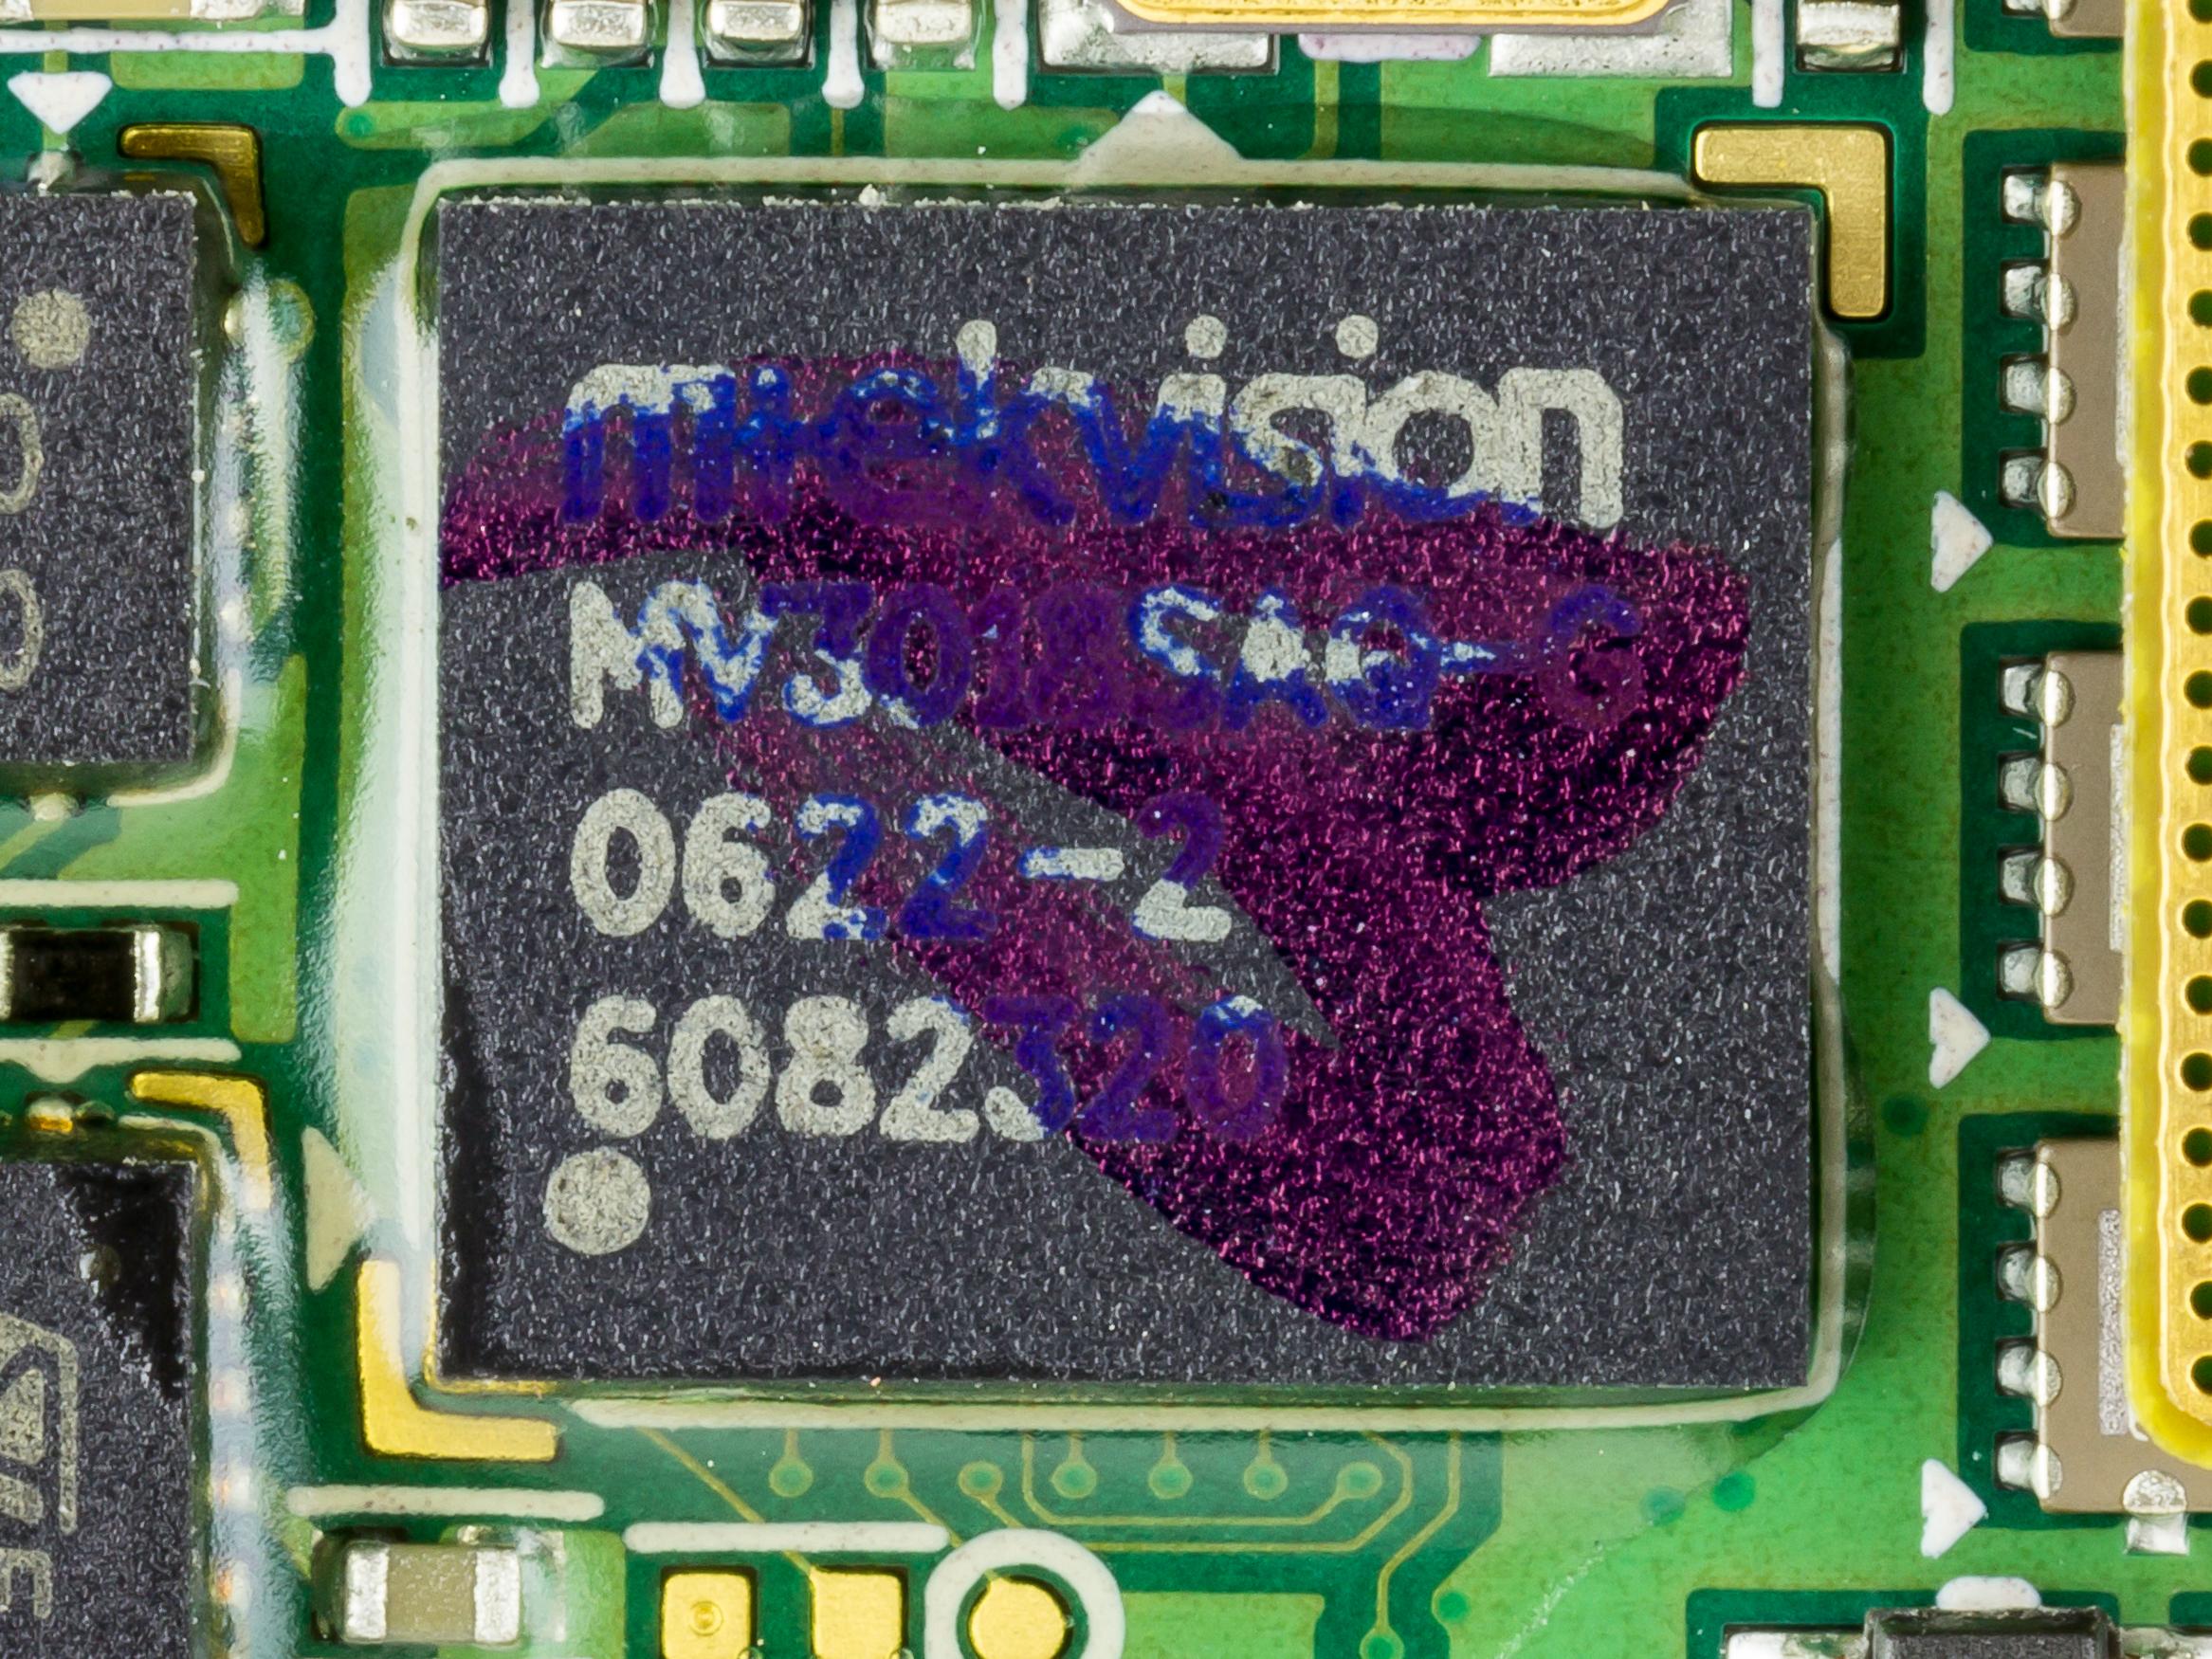 File:Samsung SGH-X660 - Mtekvision MV3018SAQ -2435.jpg